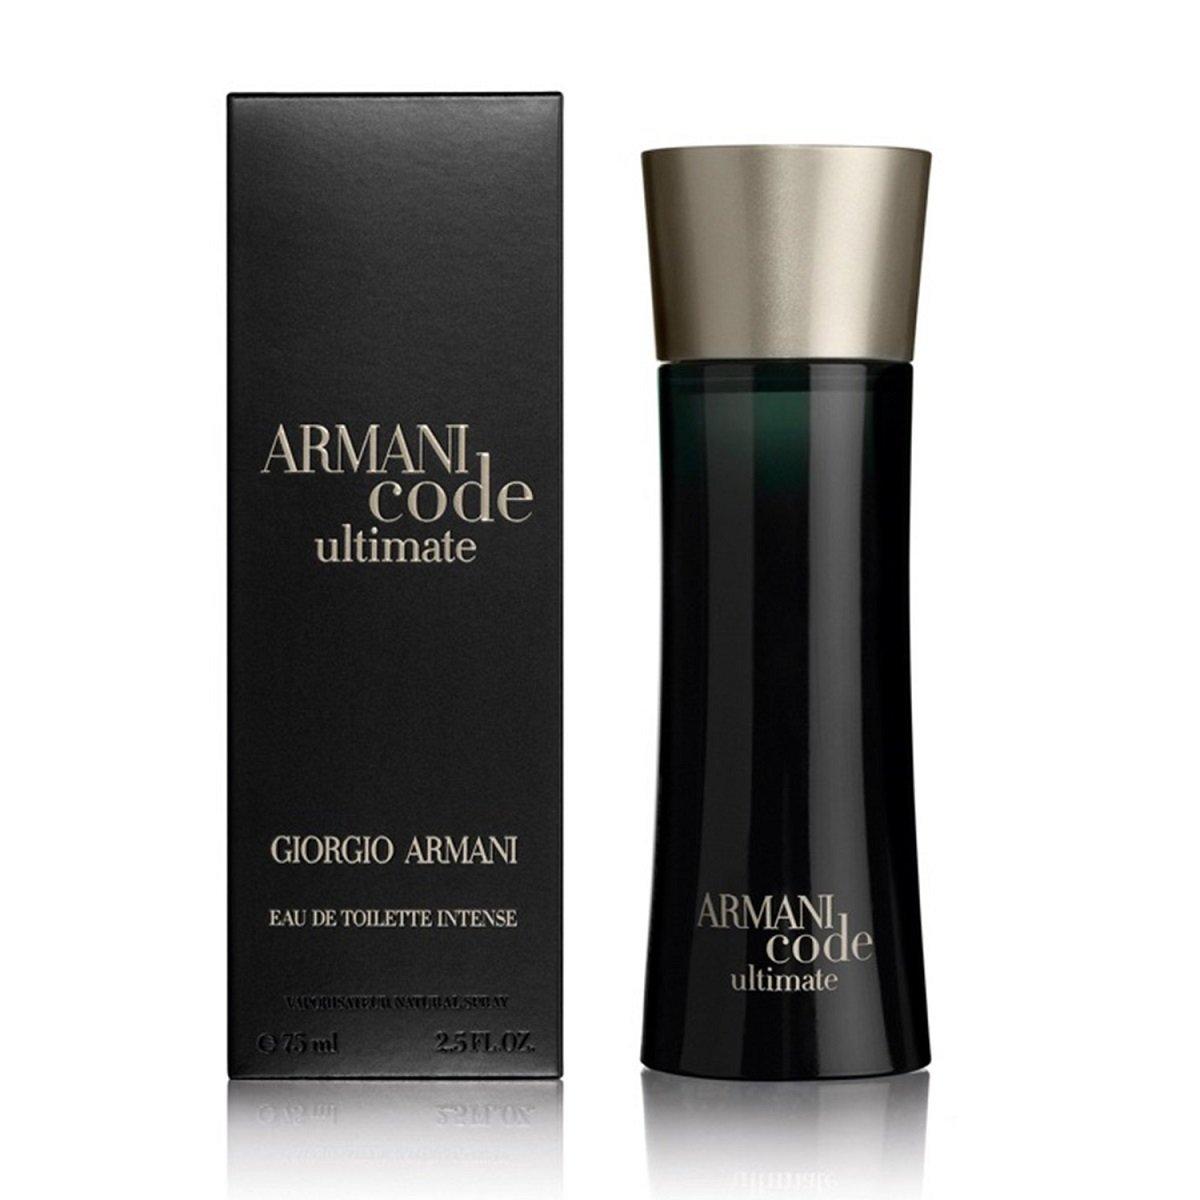 Giorgio-Armani-profumo-uomo-festa-del-papà-valentina-coco-fashion-blogger-beauty